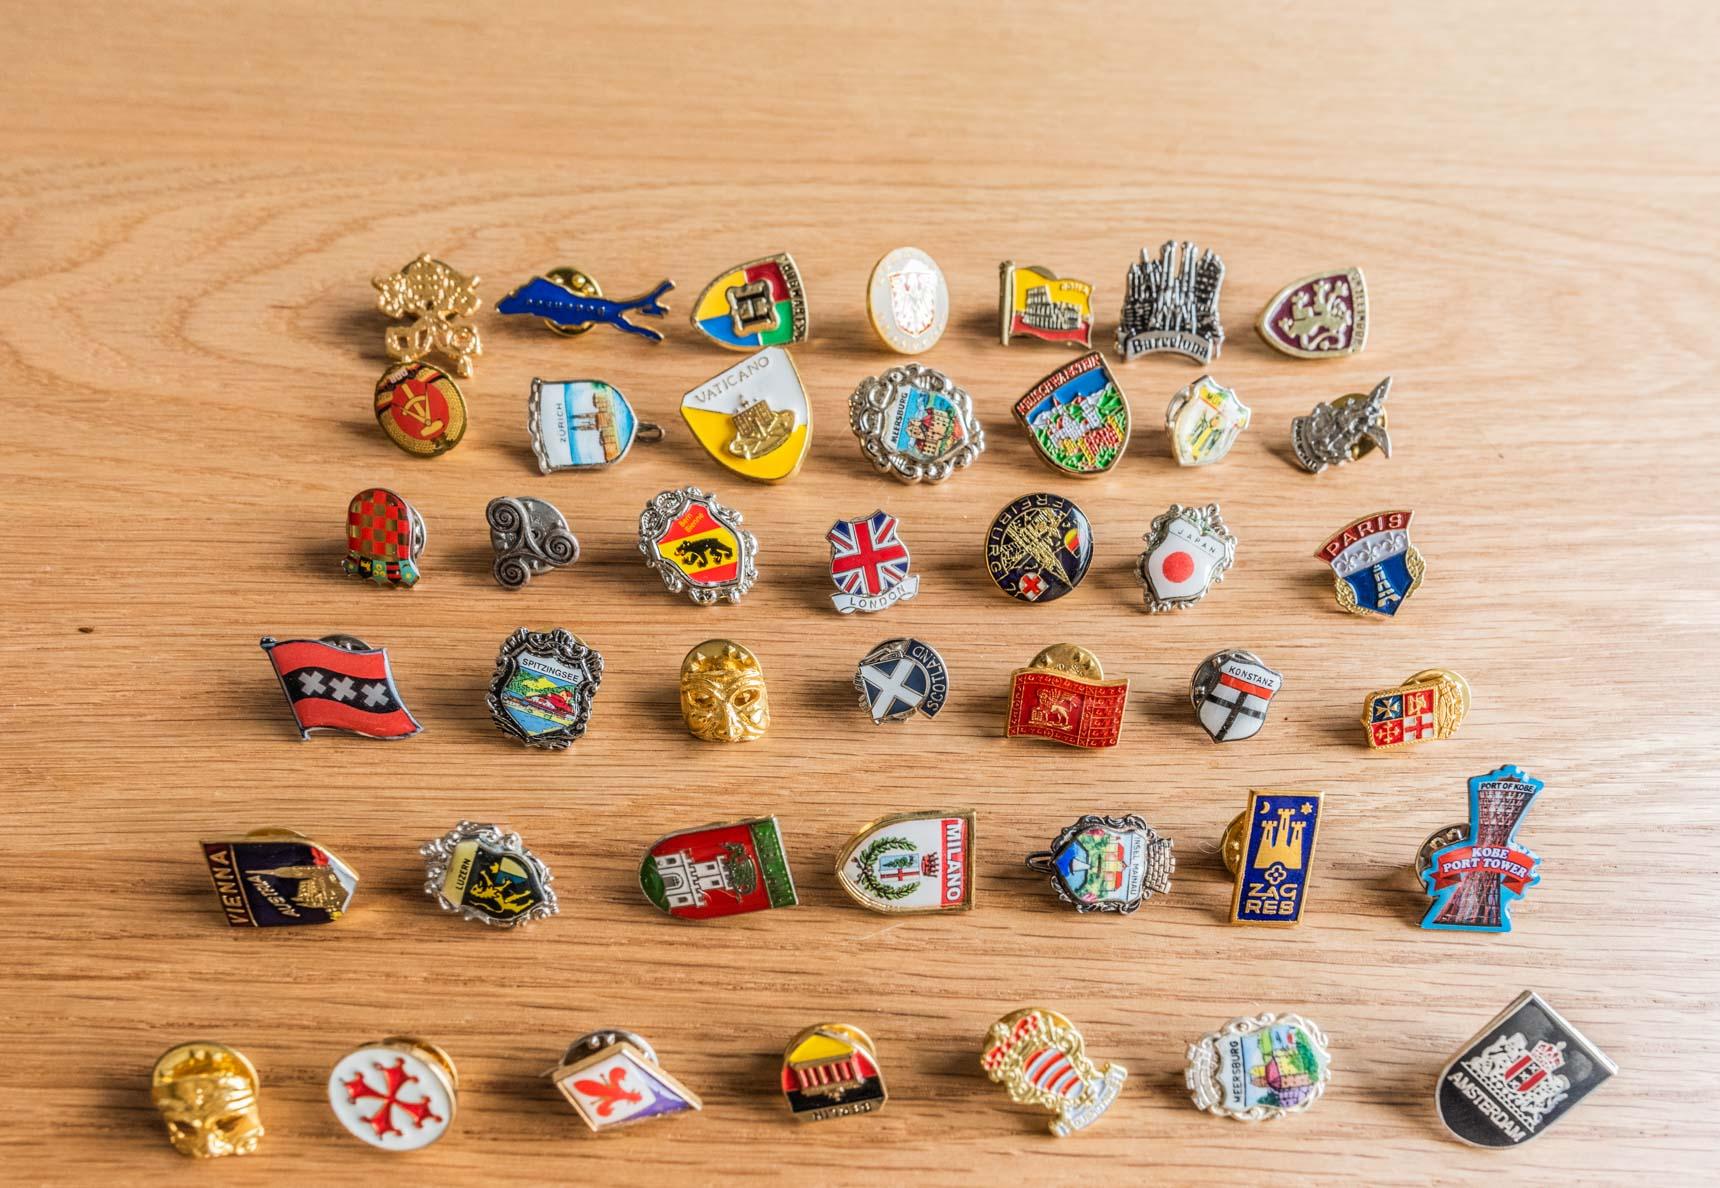 恒例の「集めているものを並べてもらう」も、旅に関係したものでした。各国で手に入れたピンバッジ。「どこに行ってもお土産屋さんにたいていあるし、かさばらないから記念にちょうどいいんですよ」